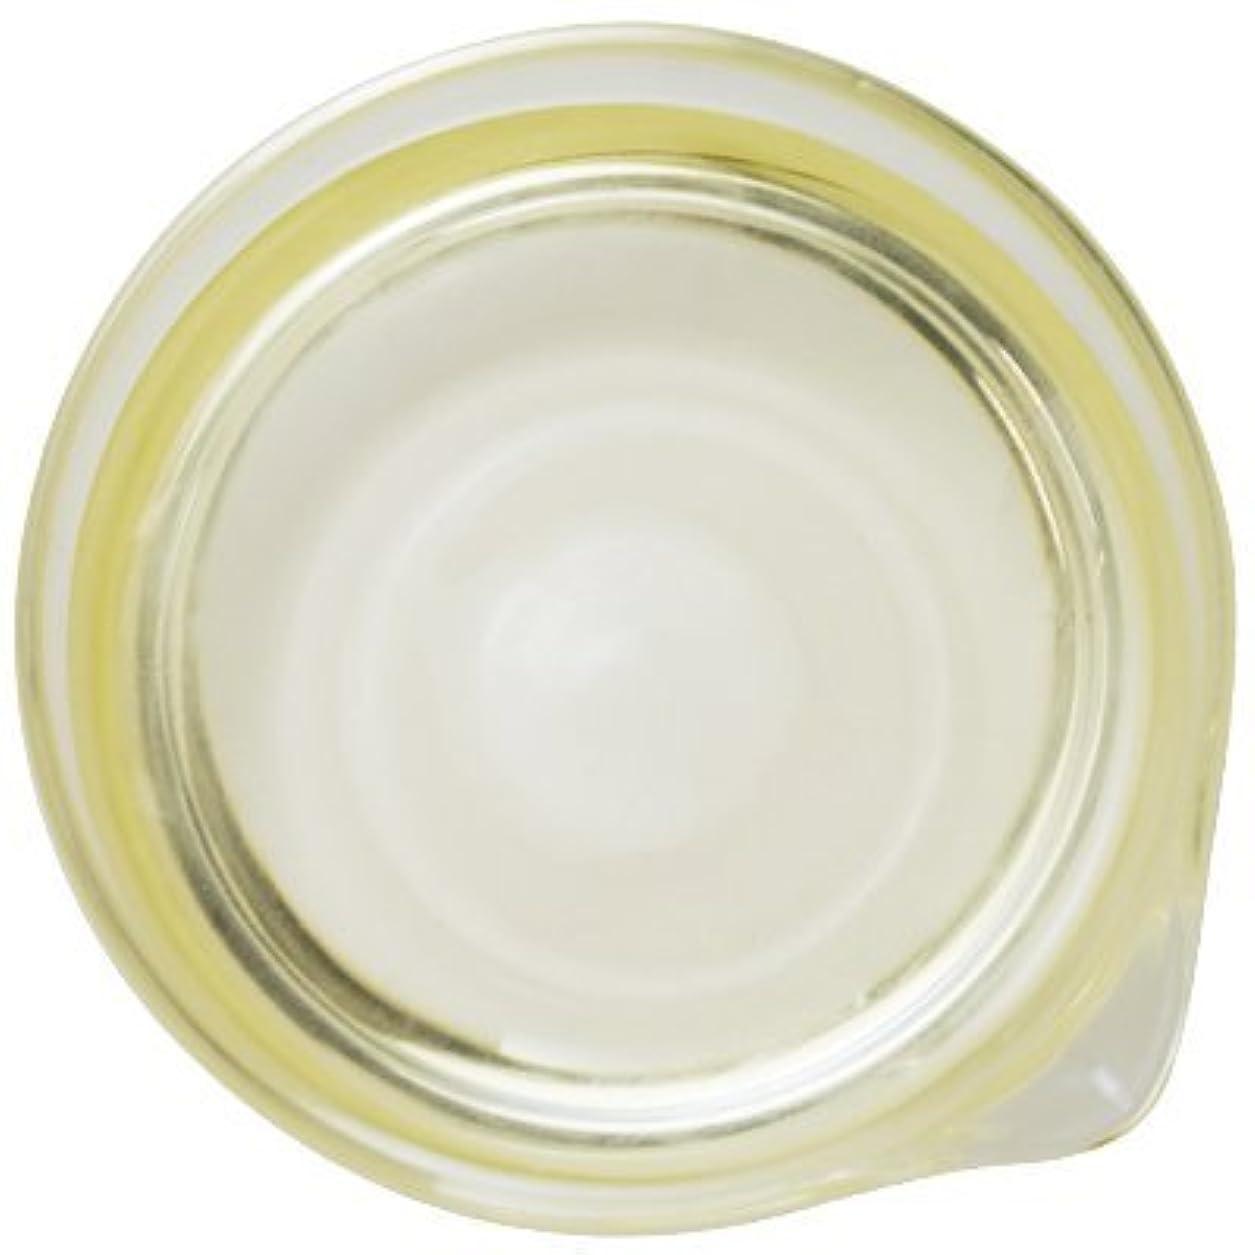 脆いフォージ連続したセサミオイル 1L [白ごま油]【手作り石鹸/手作りコスメ/ごま油】【birth】